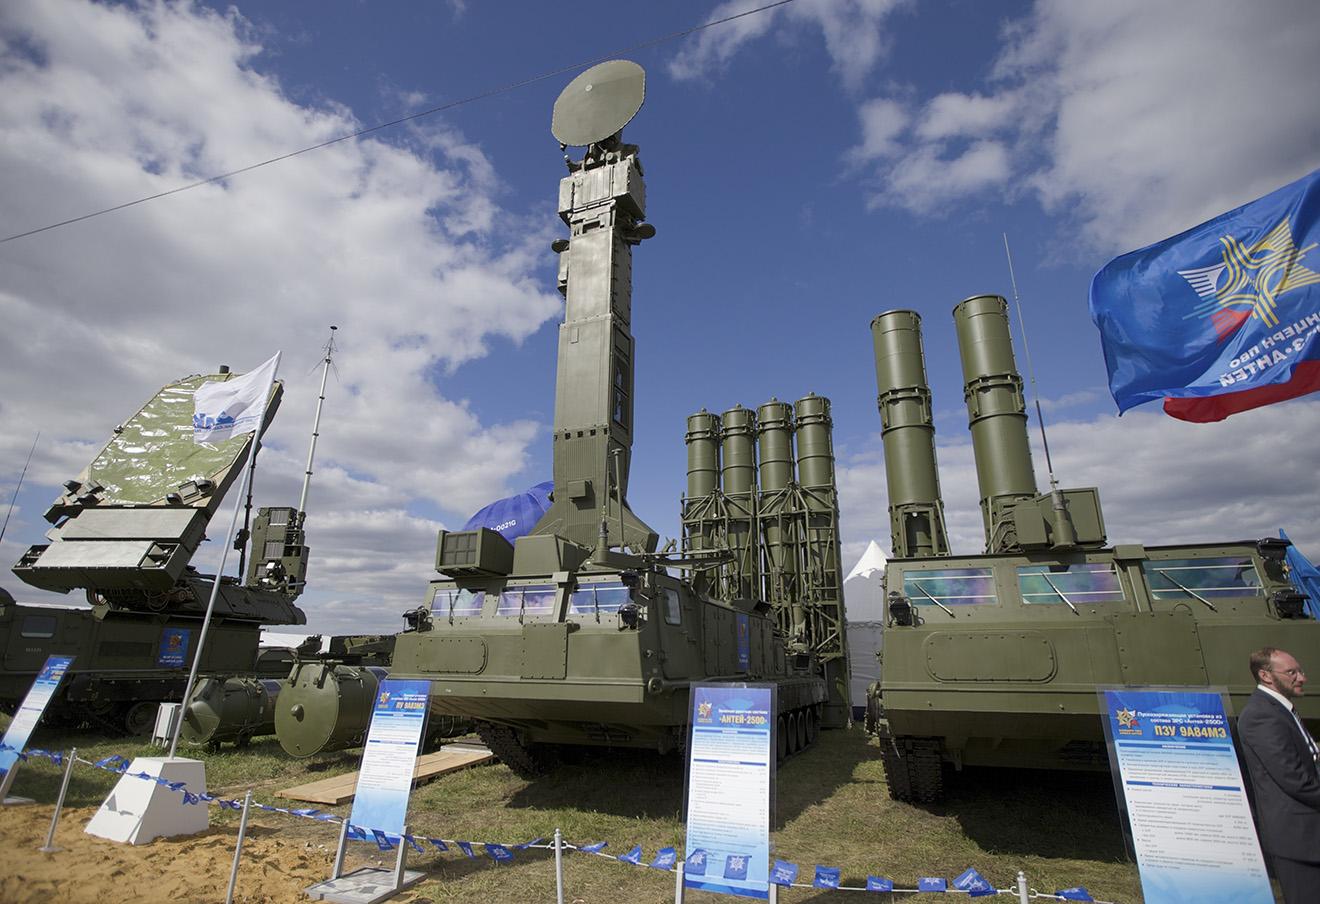 Российский ракетный комплекс ПВО С-300, который был размещен в Сирии. Фото: Иван Секретаев / AP / East News